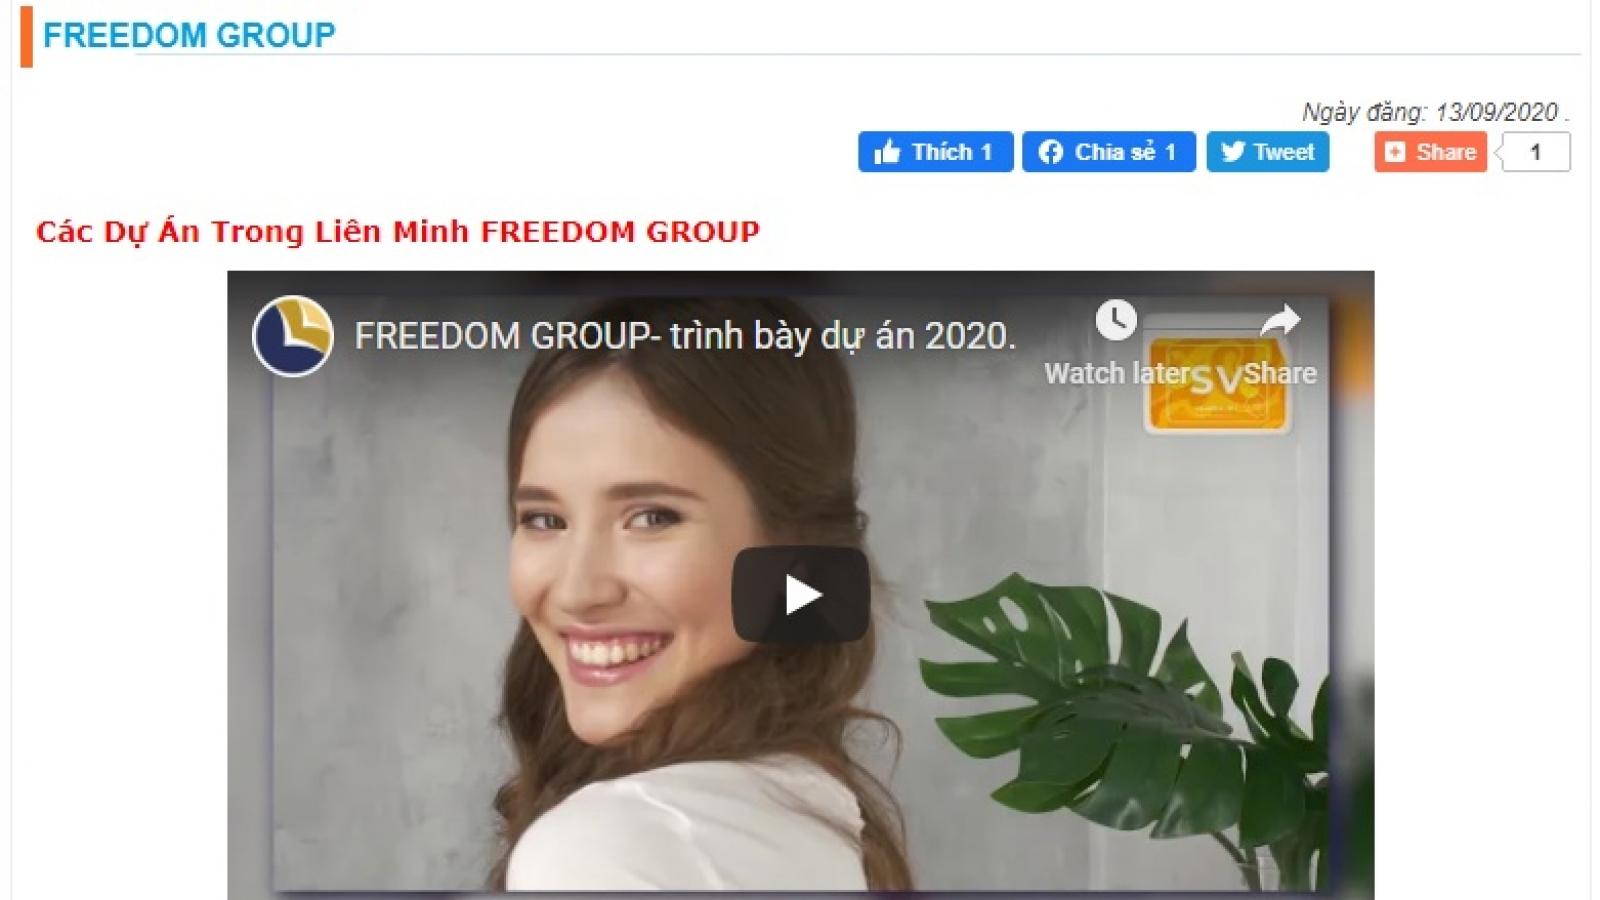 Xem xét xử lý Freedom Group và Coffeecell kinh doanh đa cấp trái phép